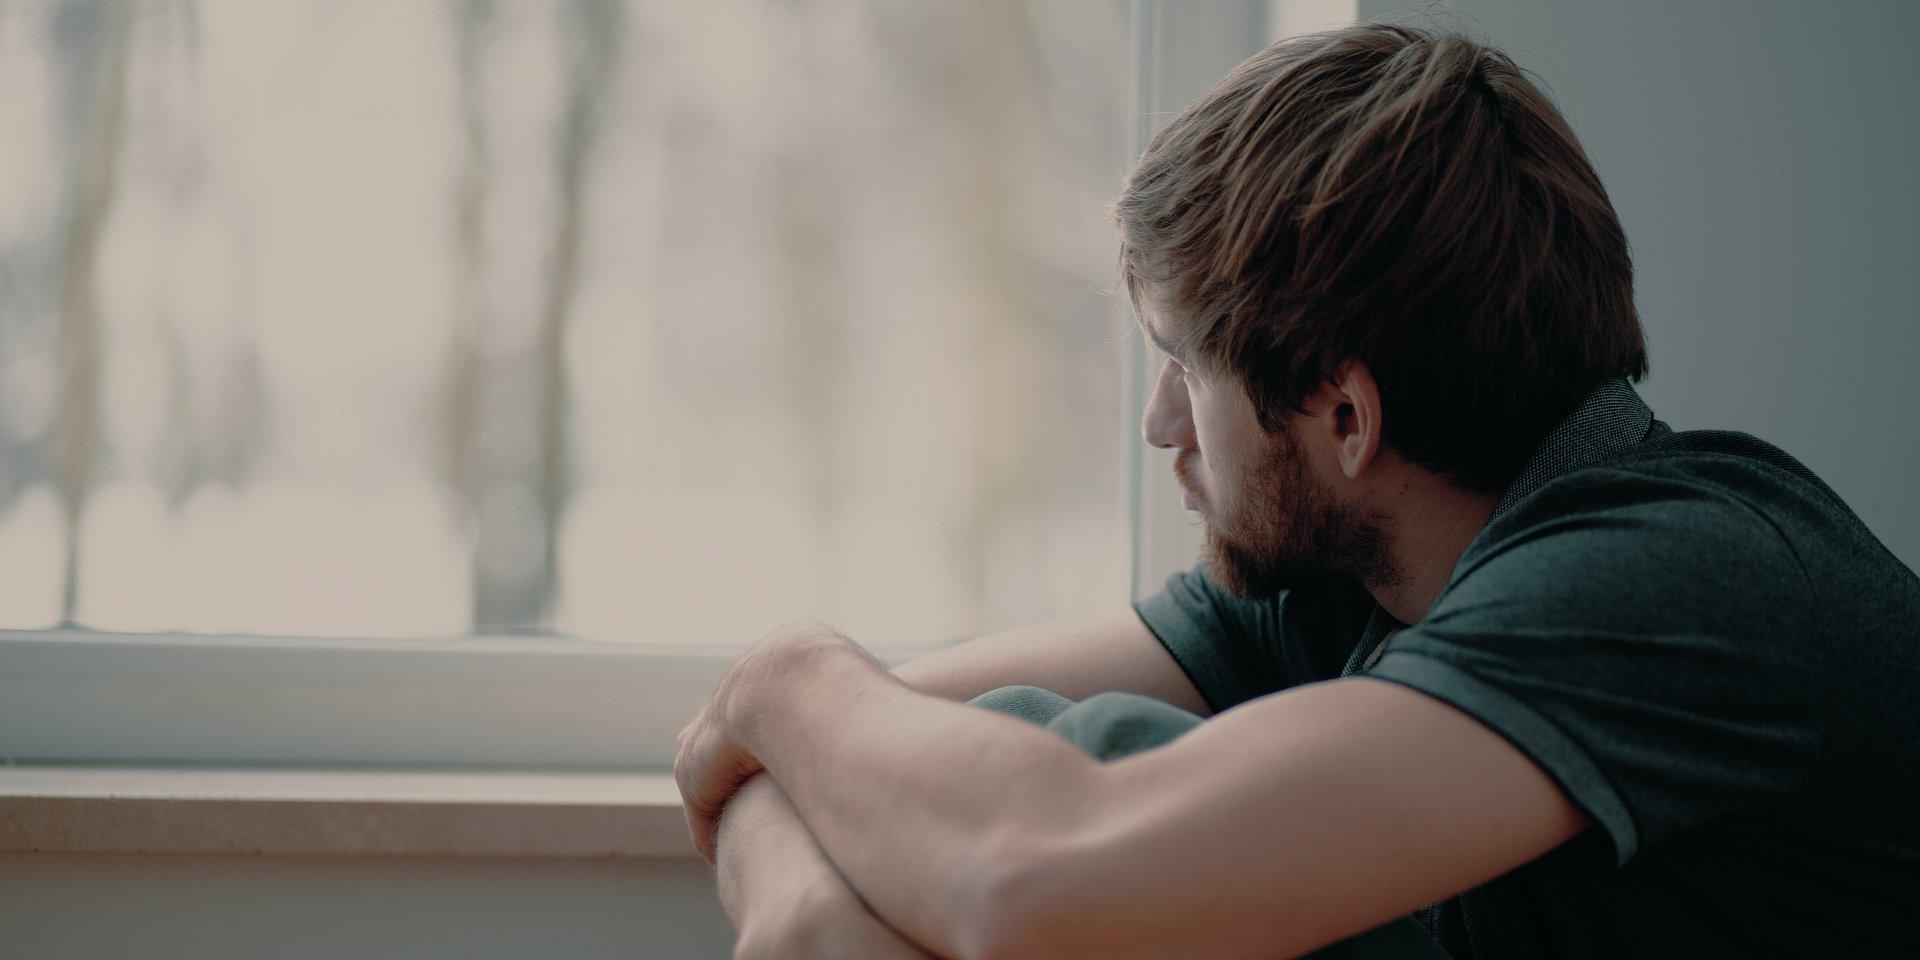 Siedzący tryb życia sprzyja depresji